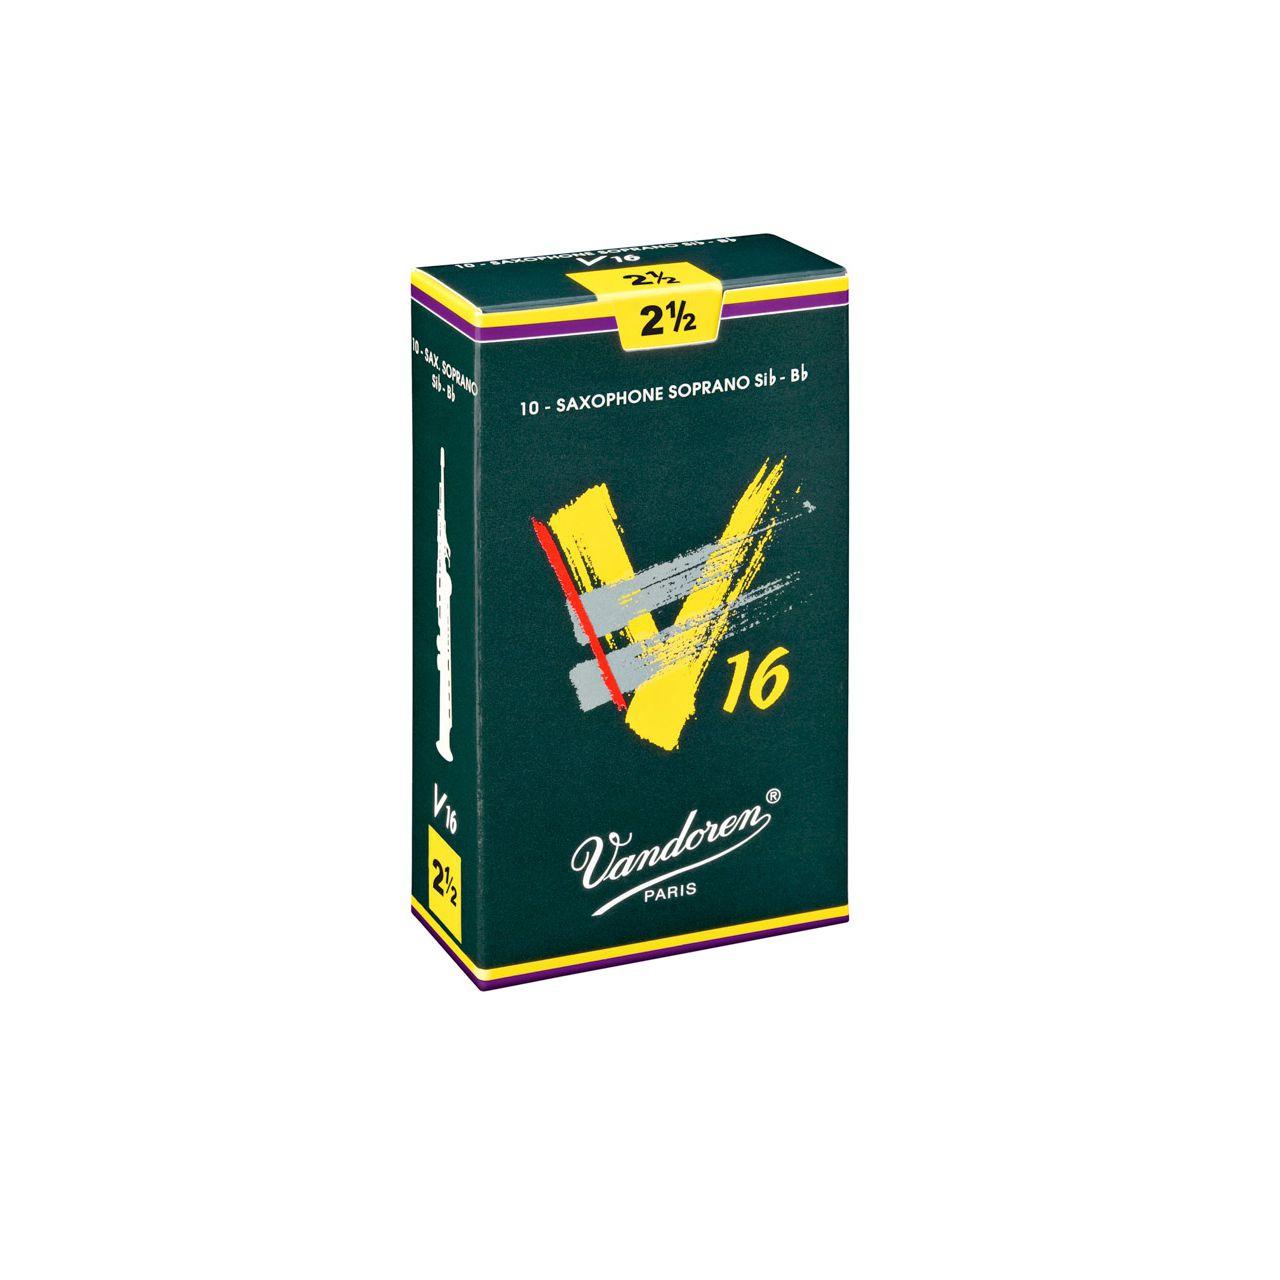 Palheta V16 2,5 P/sax Soprano Cx C/10 Sr7125 Vandoren